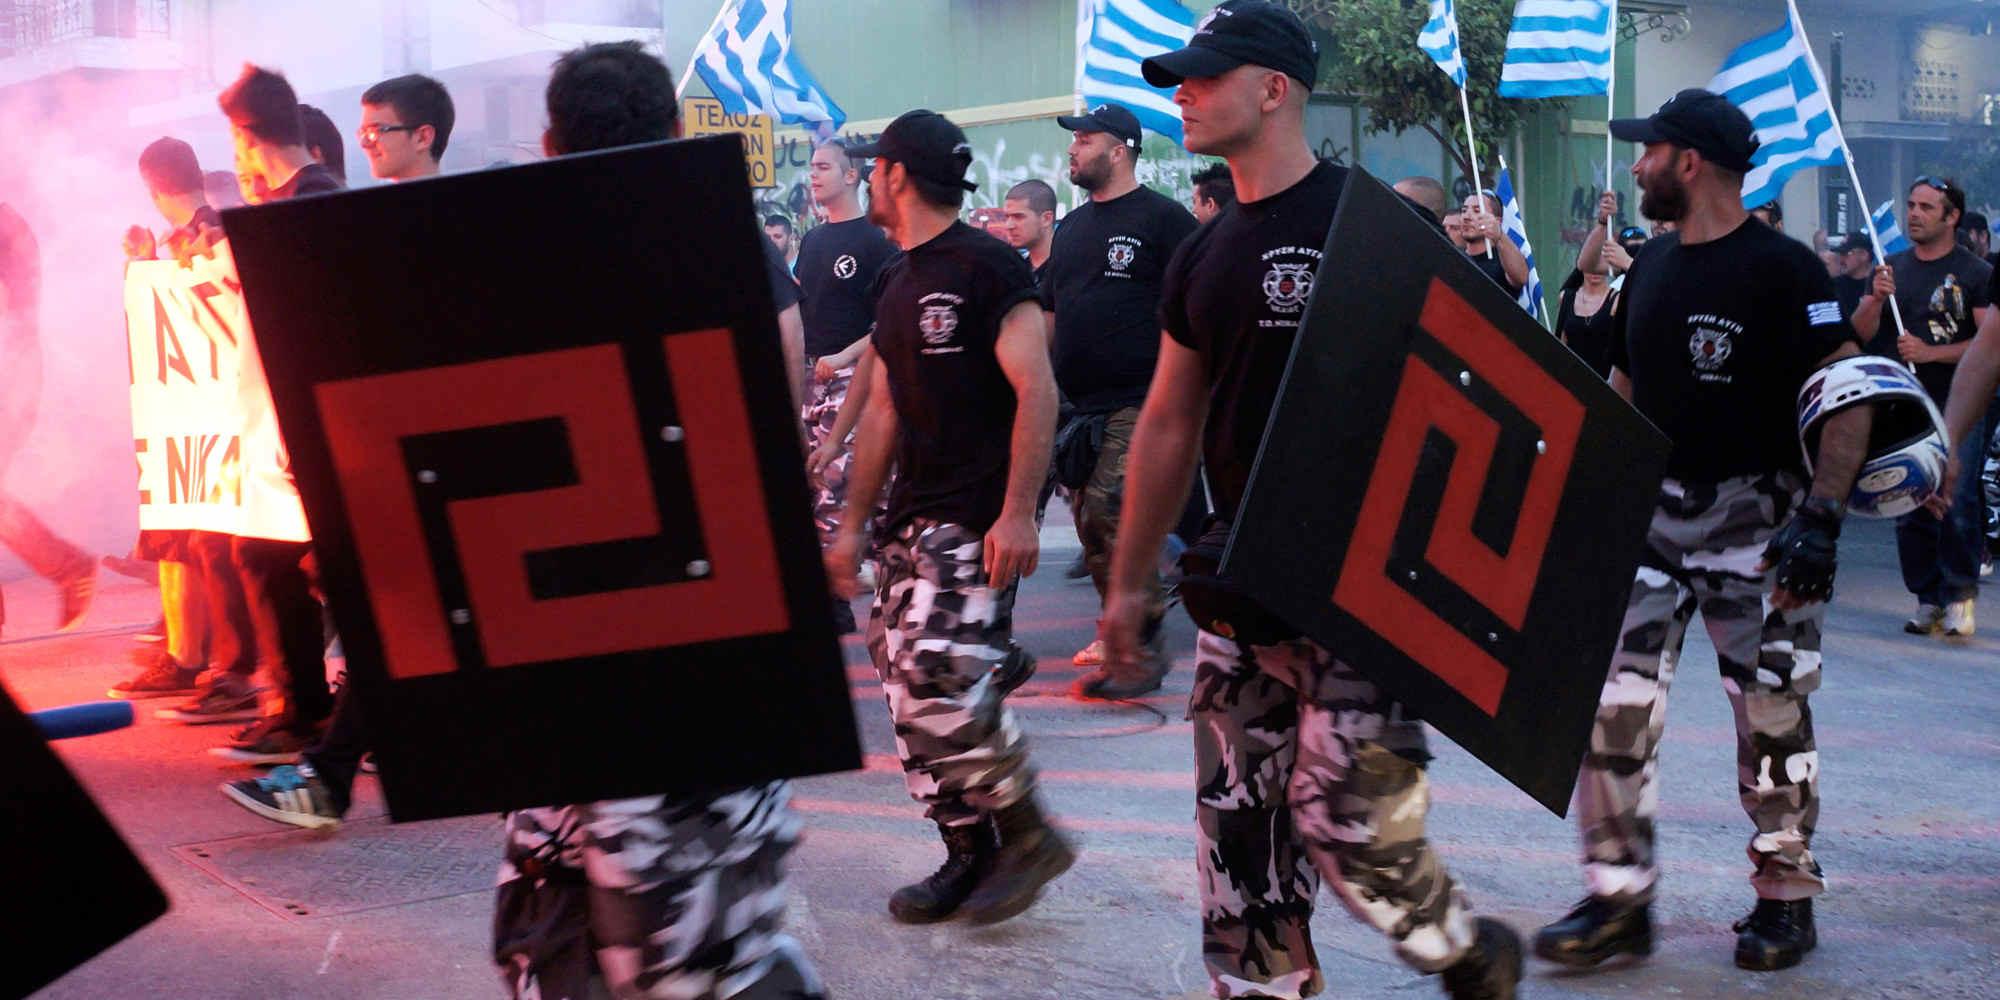 Ηχητικό ντοκουμέντο: Η Χρυσή Αυγή πίσω από την επίθεση στο Πέραμα